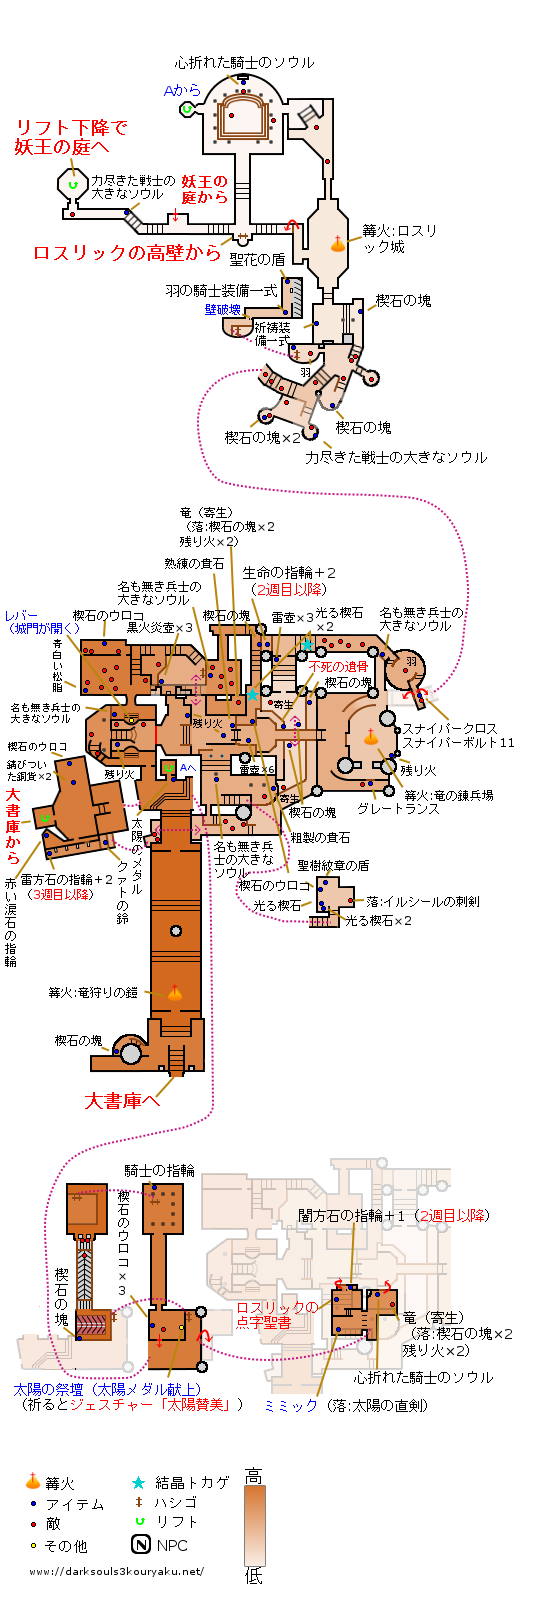 ダークソウル3 ロスリック城 攻略マップ モバイル